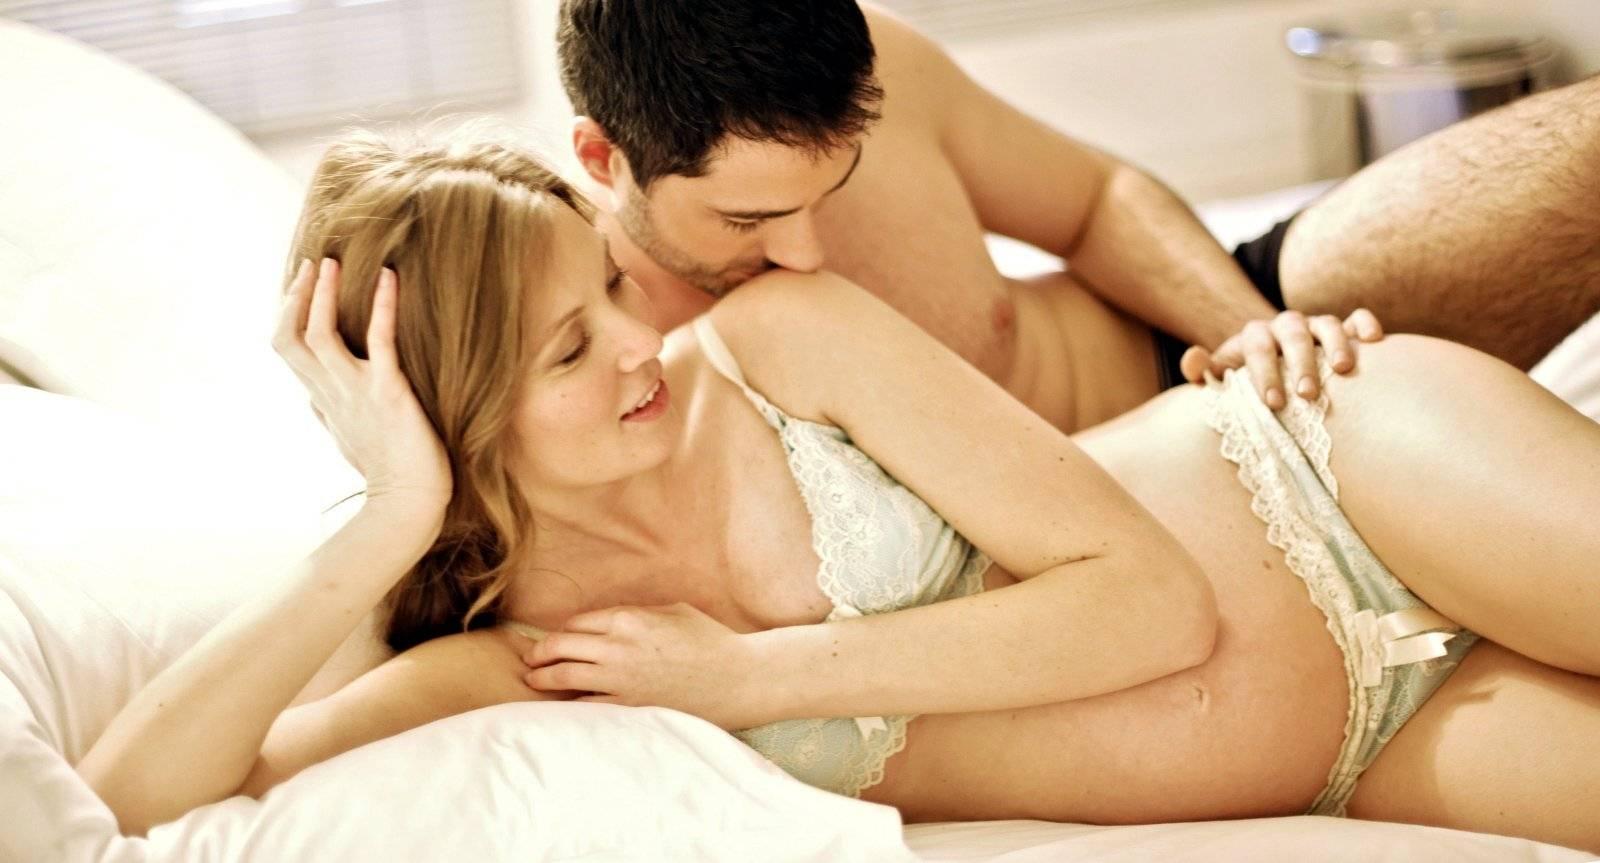 Преимущества, которые получает от орального секса женский организм: